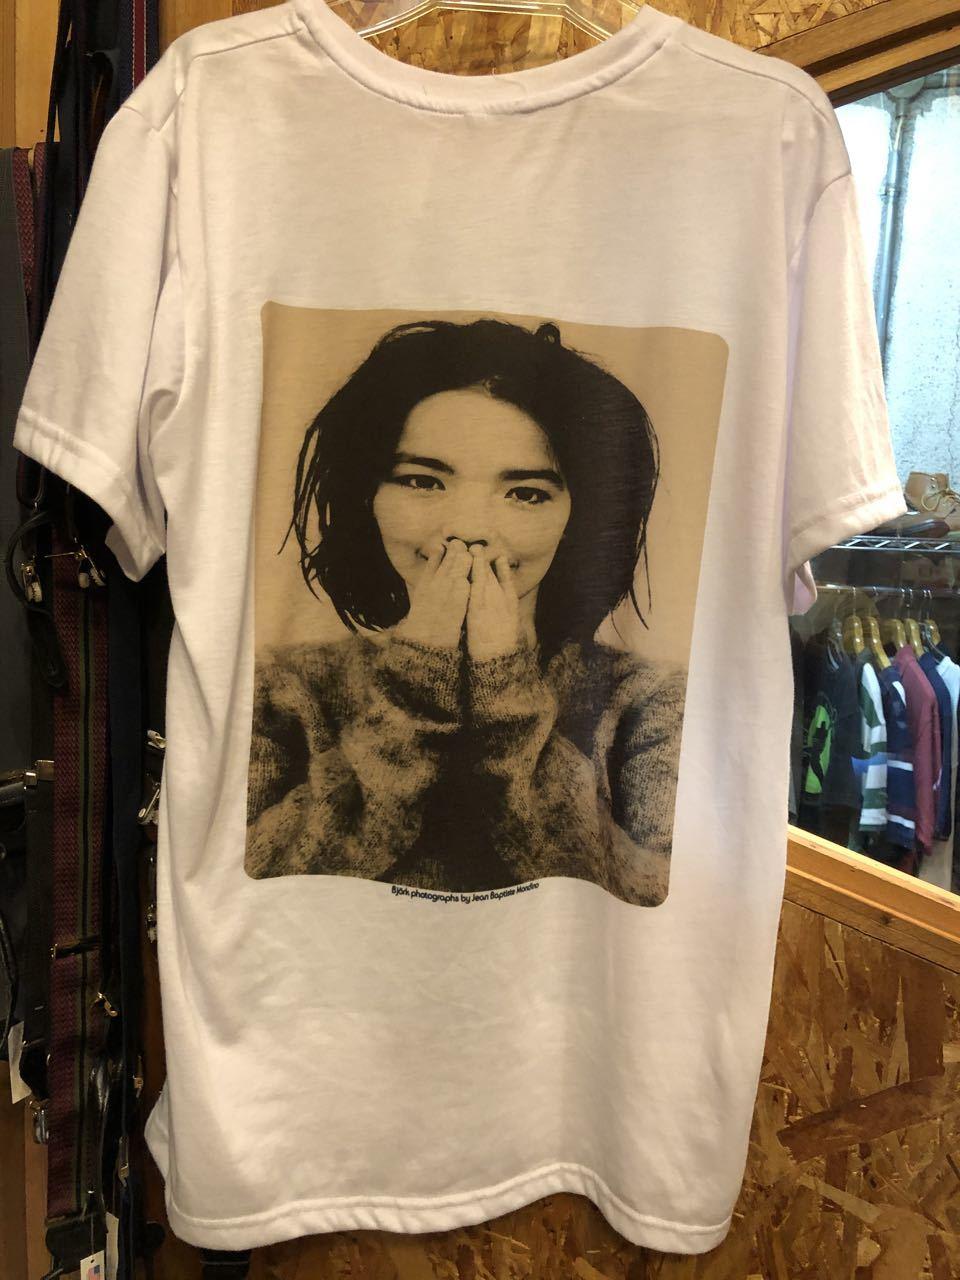 8月11日(火)入荷!ビョーク Björk Tシャツ!_c0144020_14343619.jpg